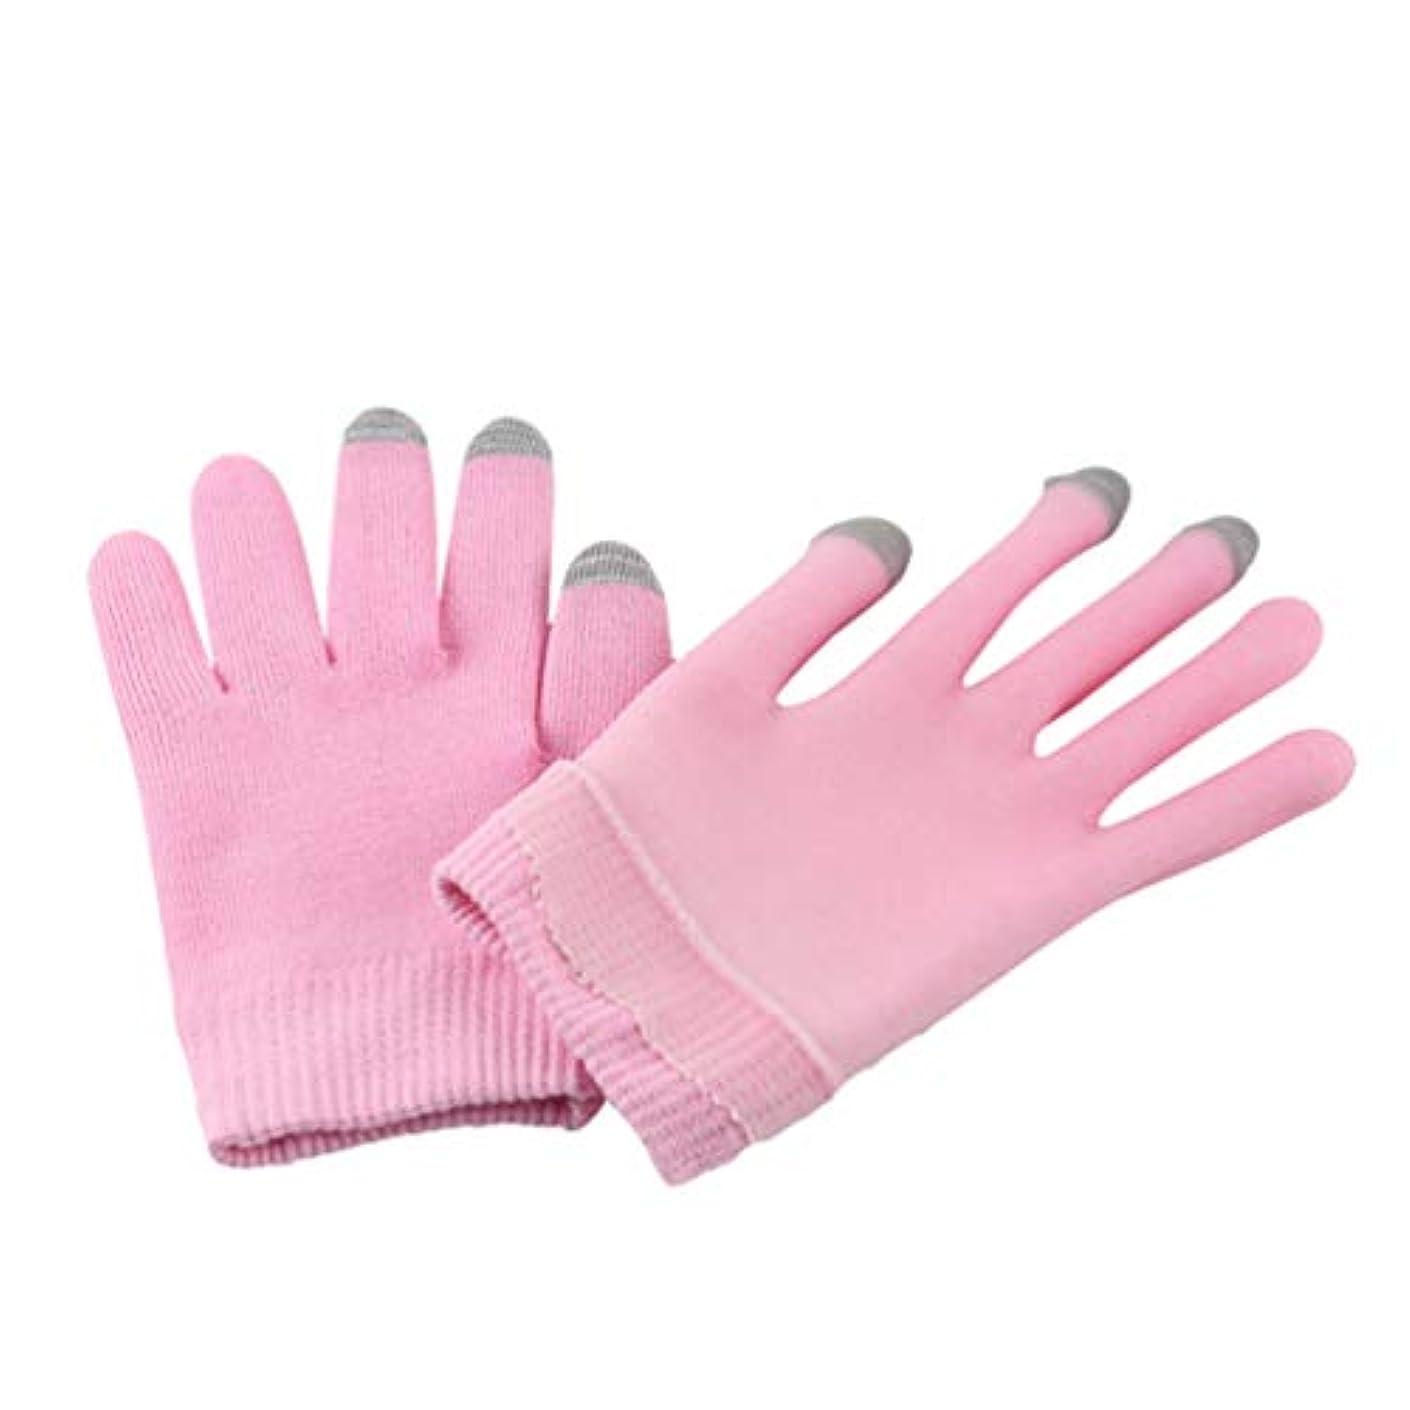 多年生大破野心HEALLILY 女性のためのタッチスクリーンの手袋の冬の暖かいテキストメッセージの指のtelefingersの手袋